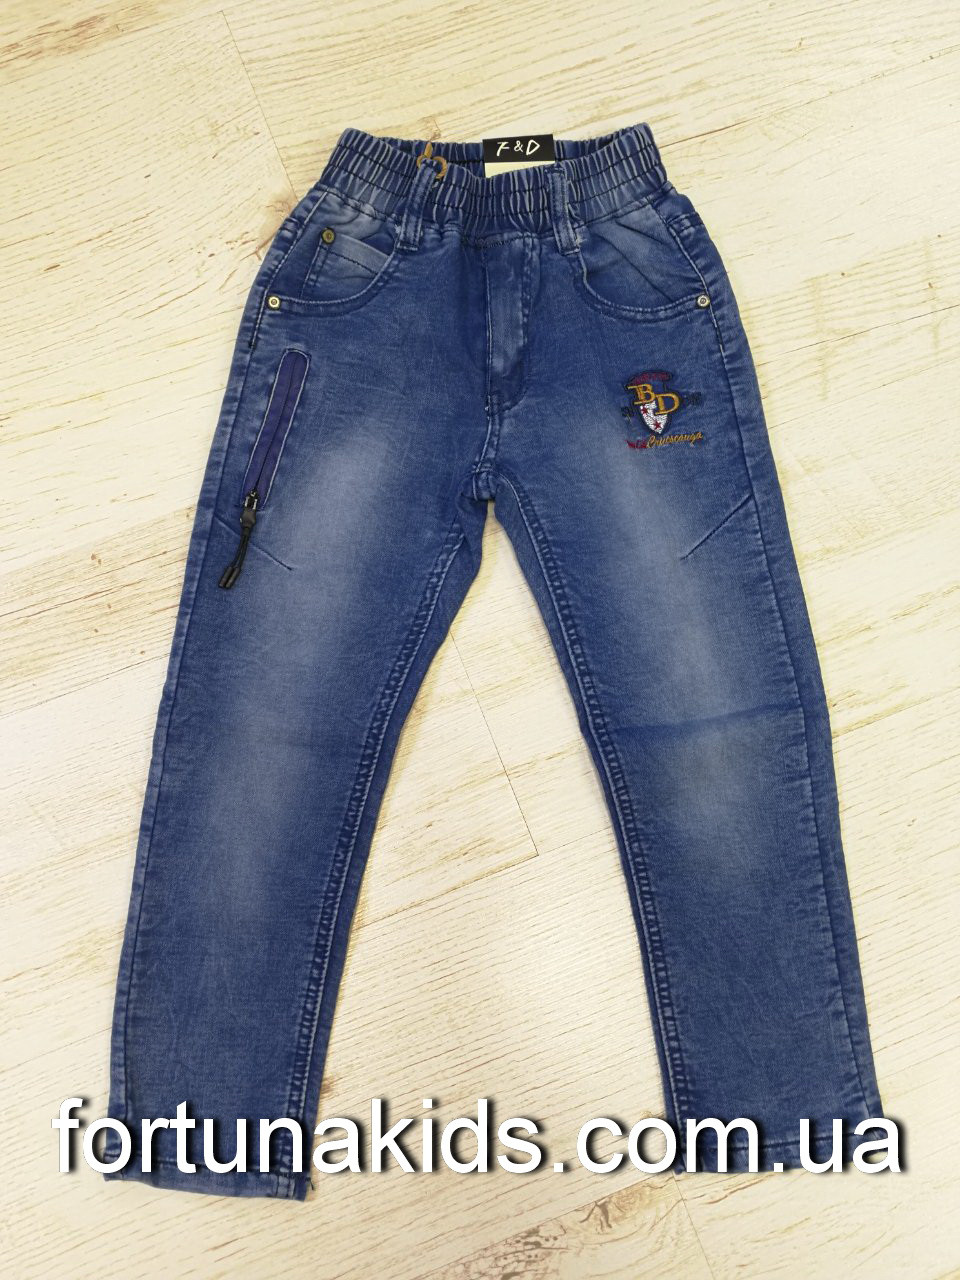 Джинсовые брюки для мальчиков F&D 104-134 р.р.